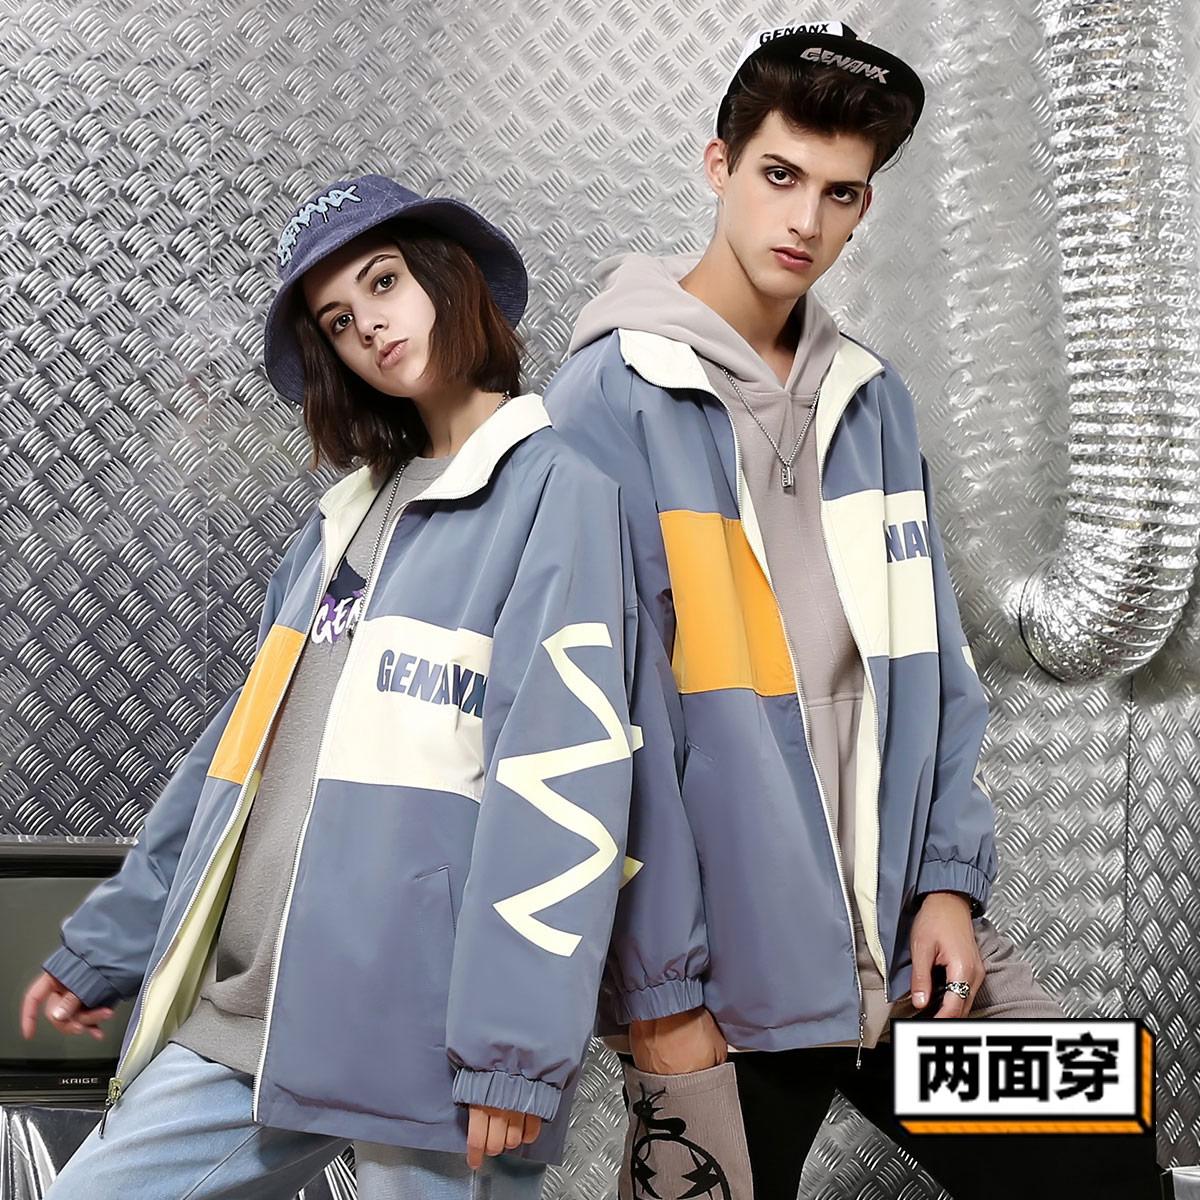 genanx闪电潮牌两面穿拼色新短外套